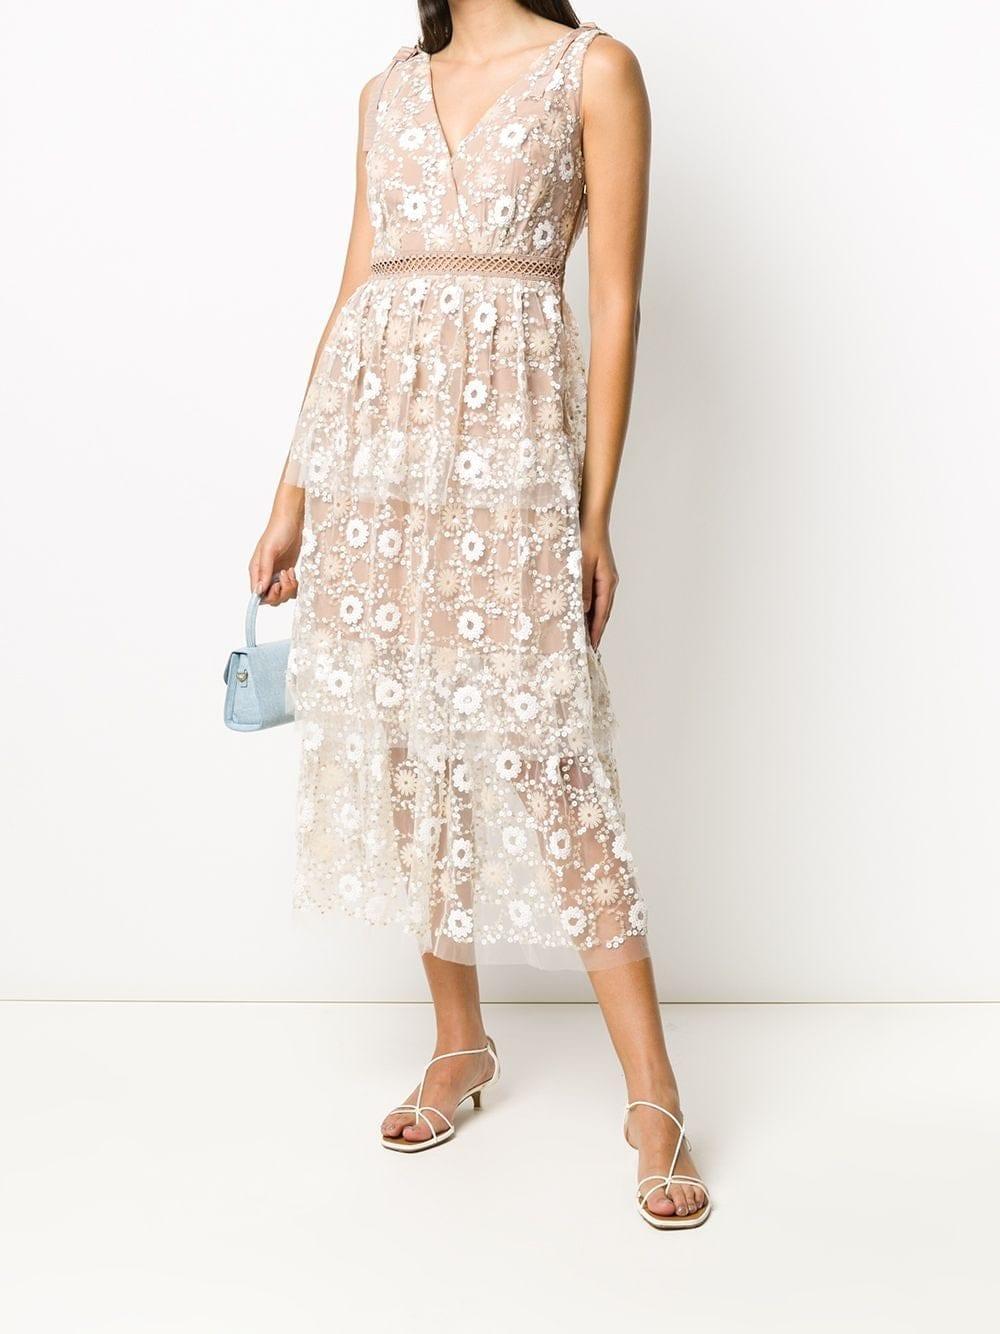 SELF-PORTRAIT Sequin-embellished A-line Dress